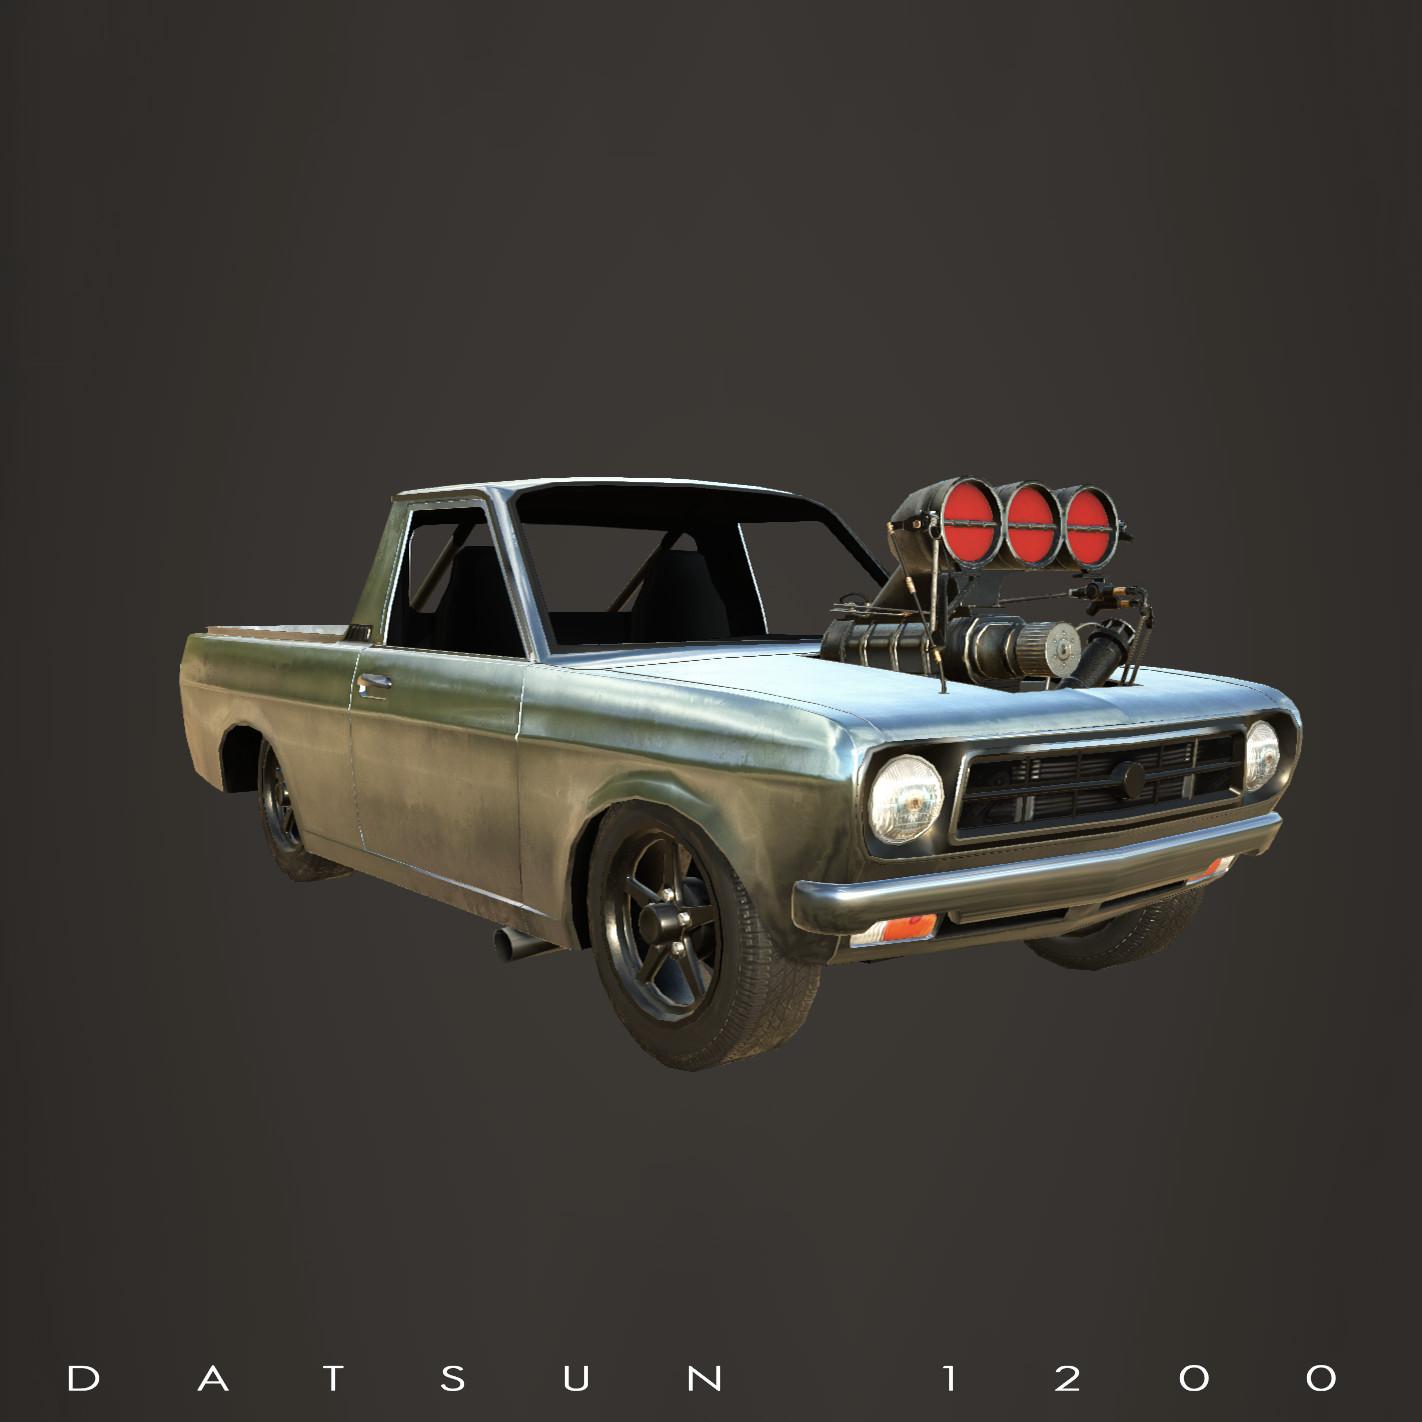 Torque Burnout Car - Datsun 1200 Sunny ute.